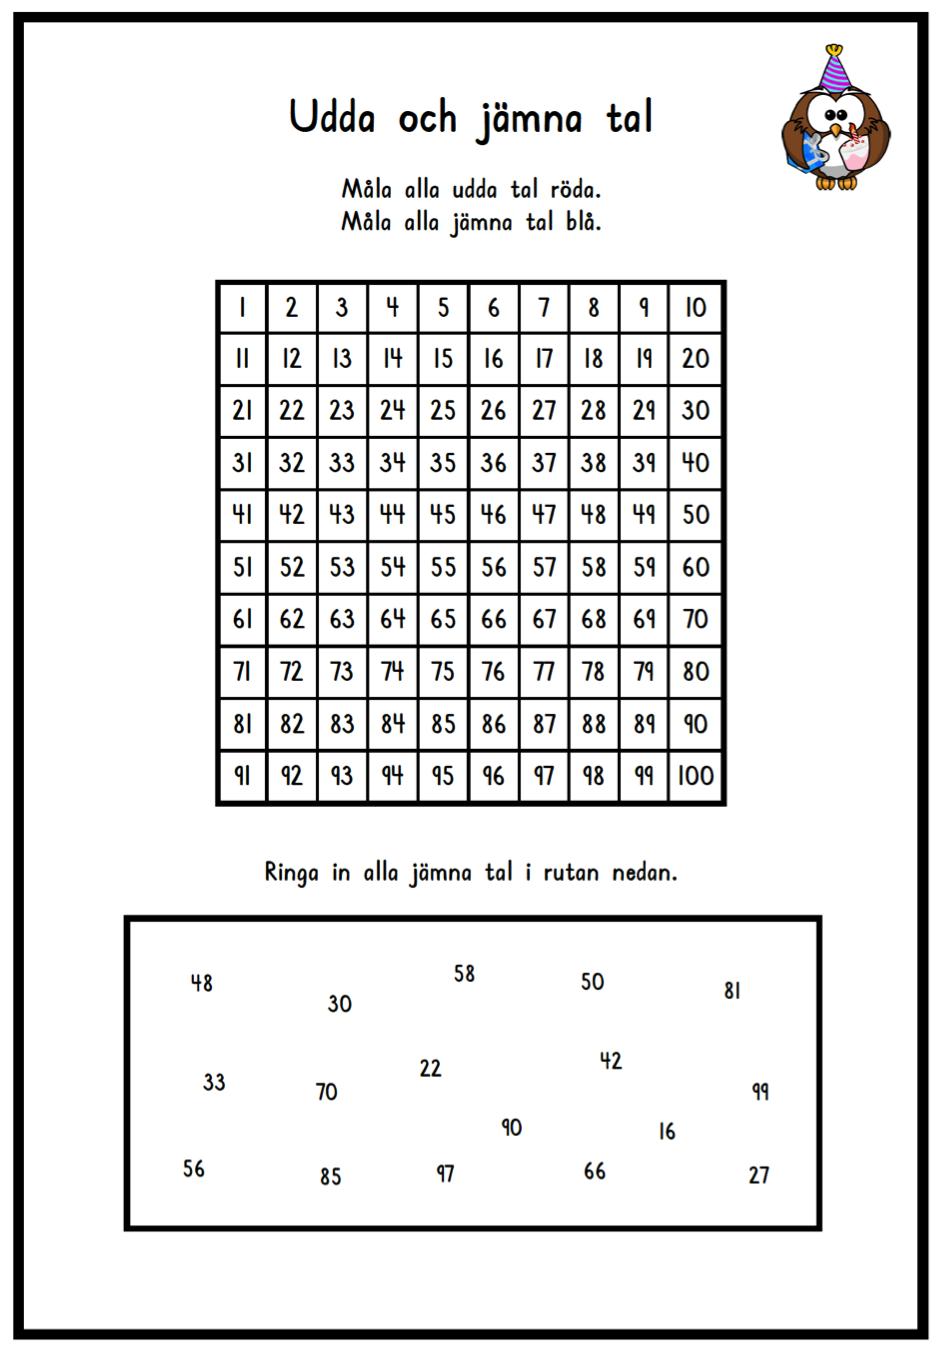 Jämna tal övning 1 | Matte | Pinterest | Math, School and Teacher